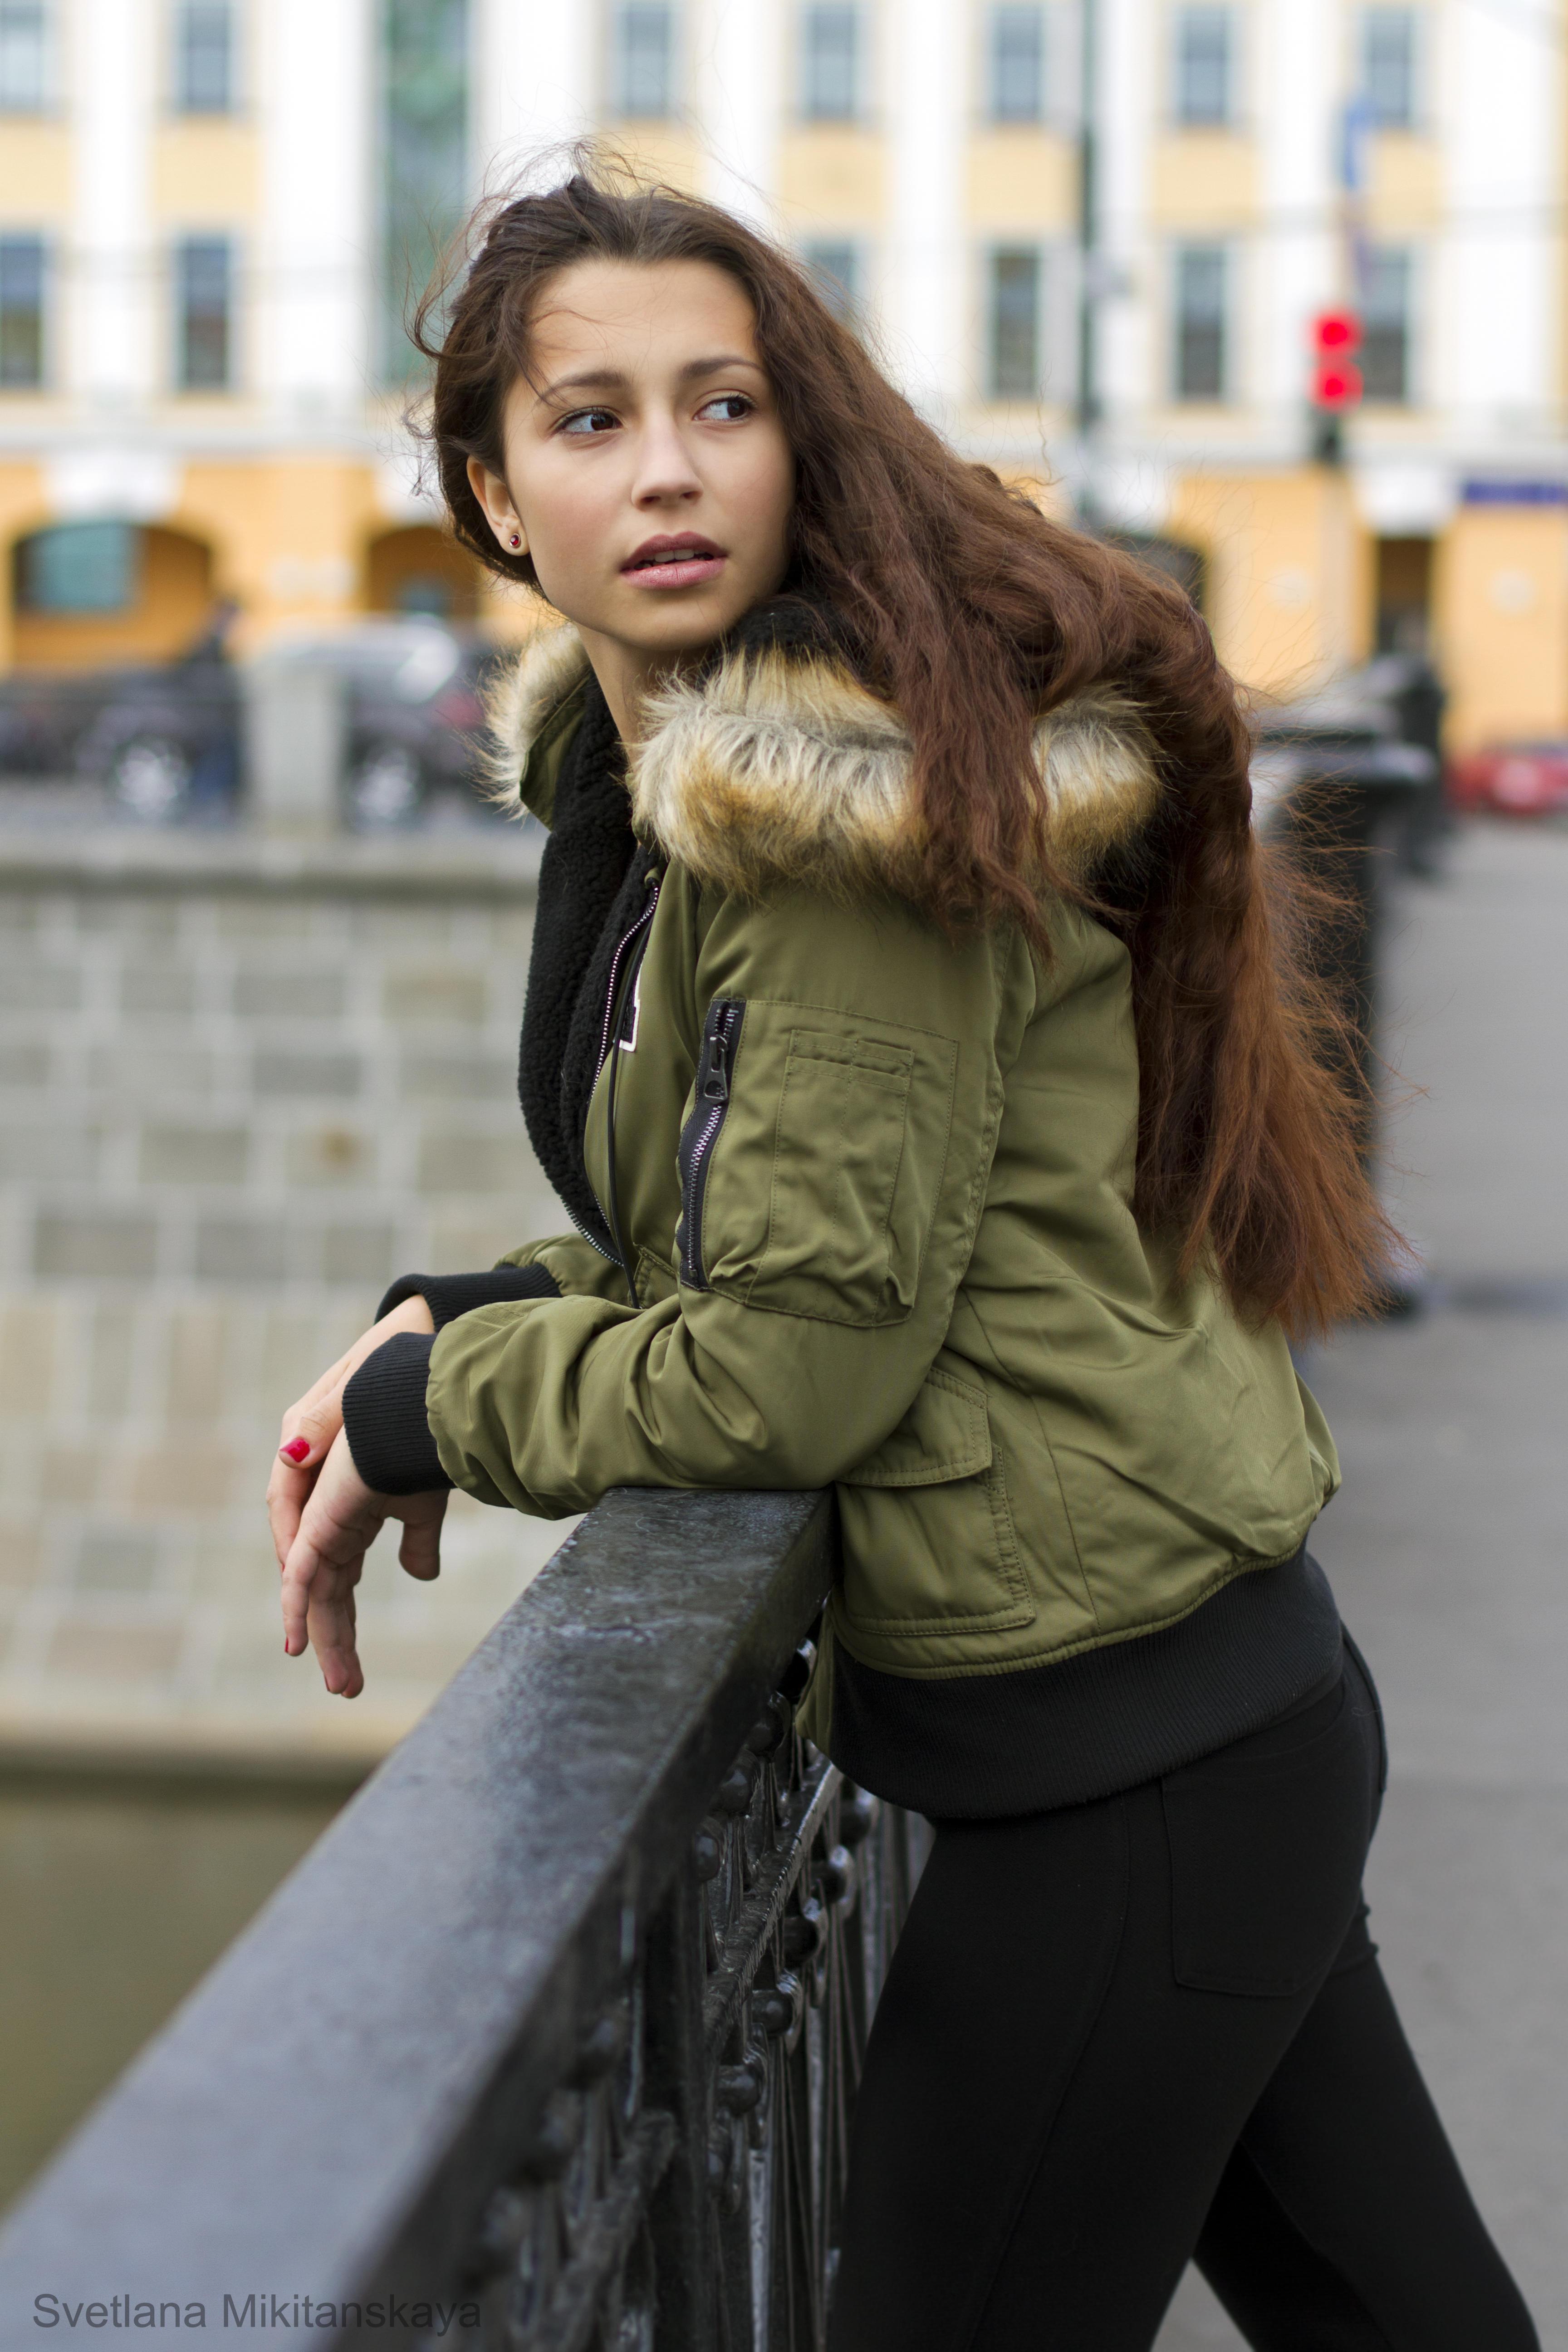 актриса екатерина дмитриева фото работы